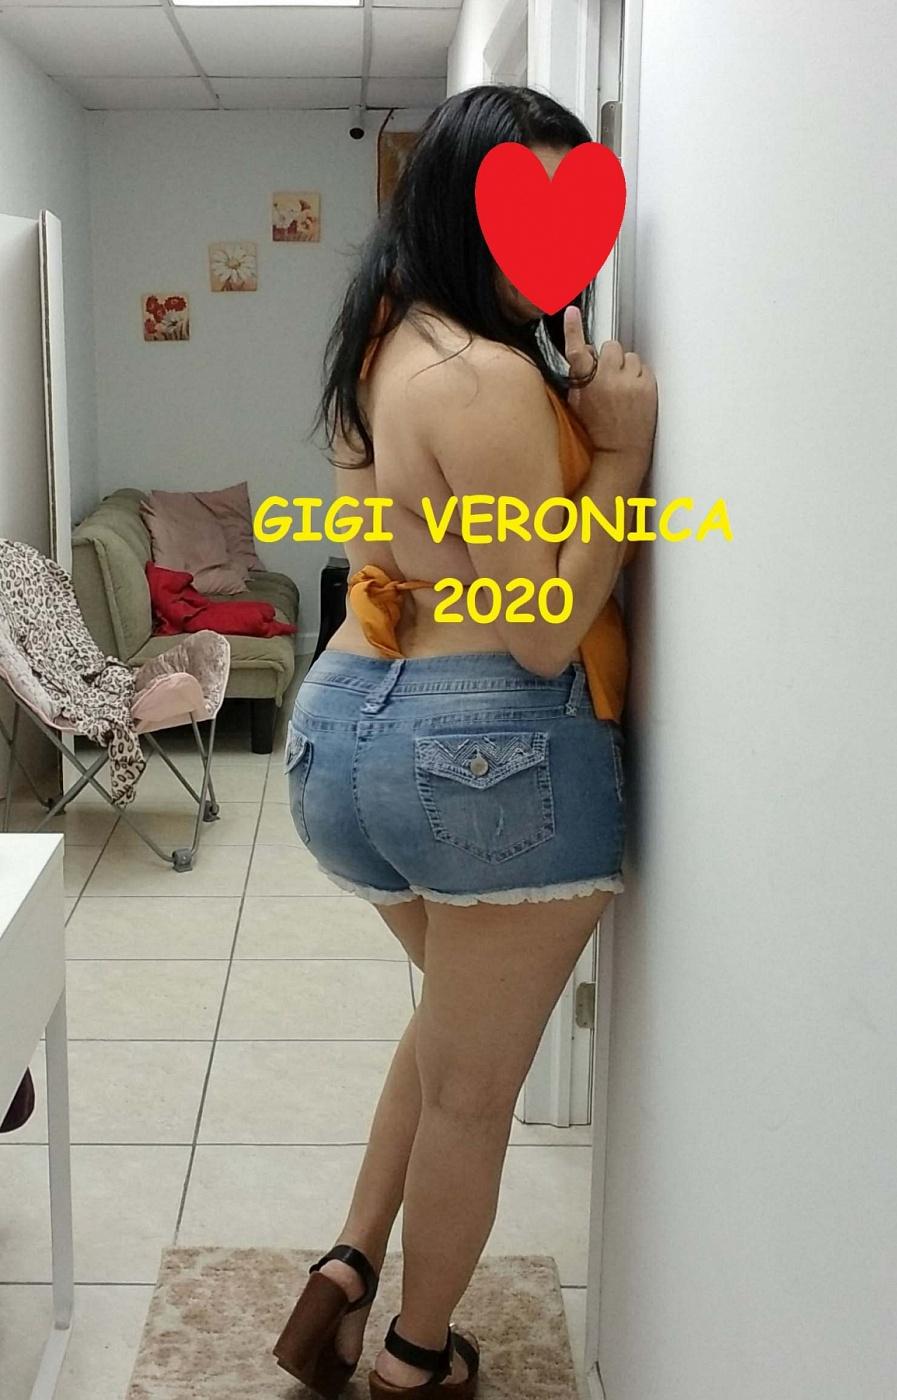 Gigi Veronica